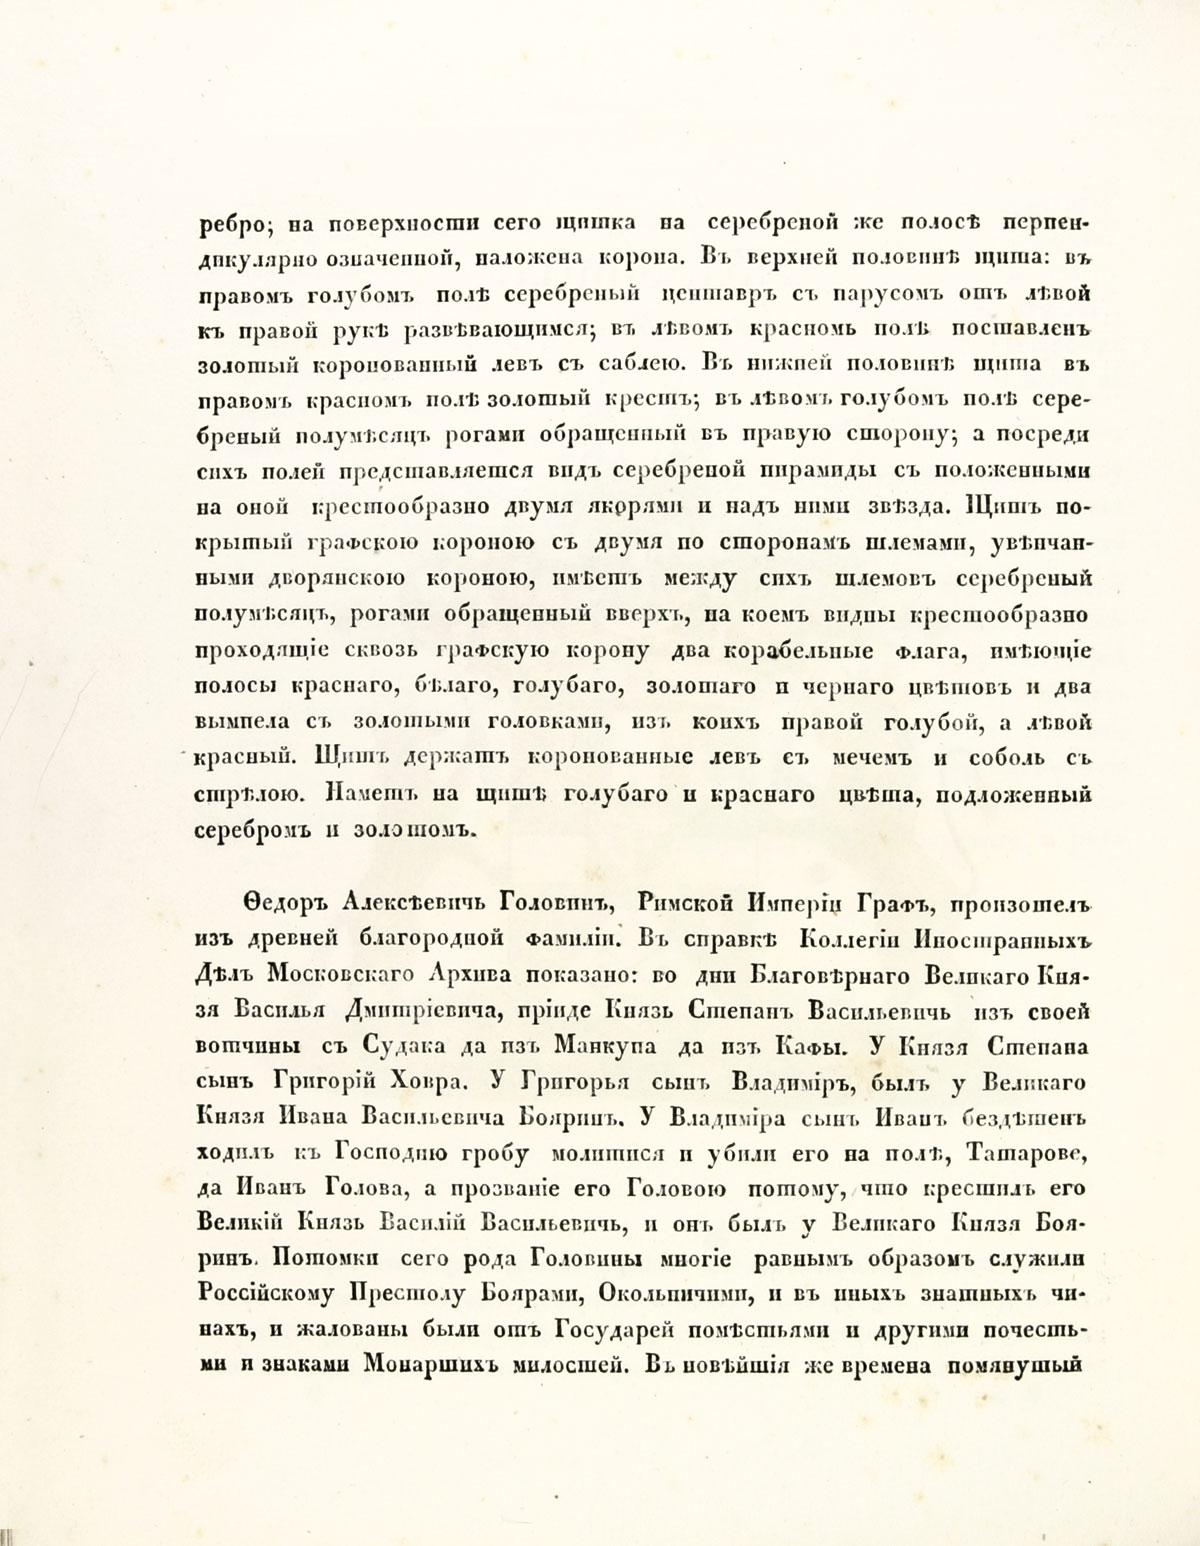 Герб рода Головиных, Римской Империи графов , стр. 2